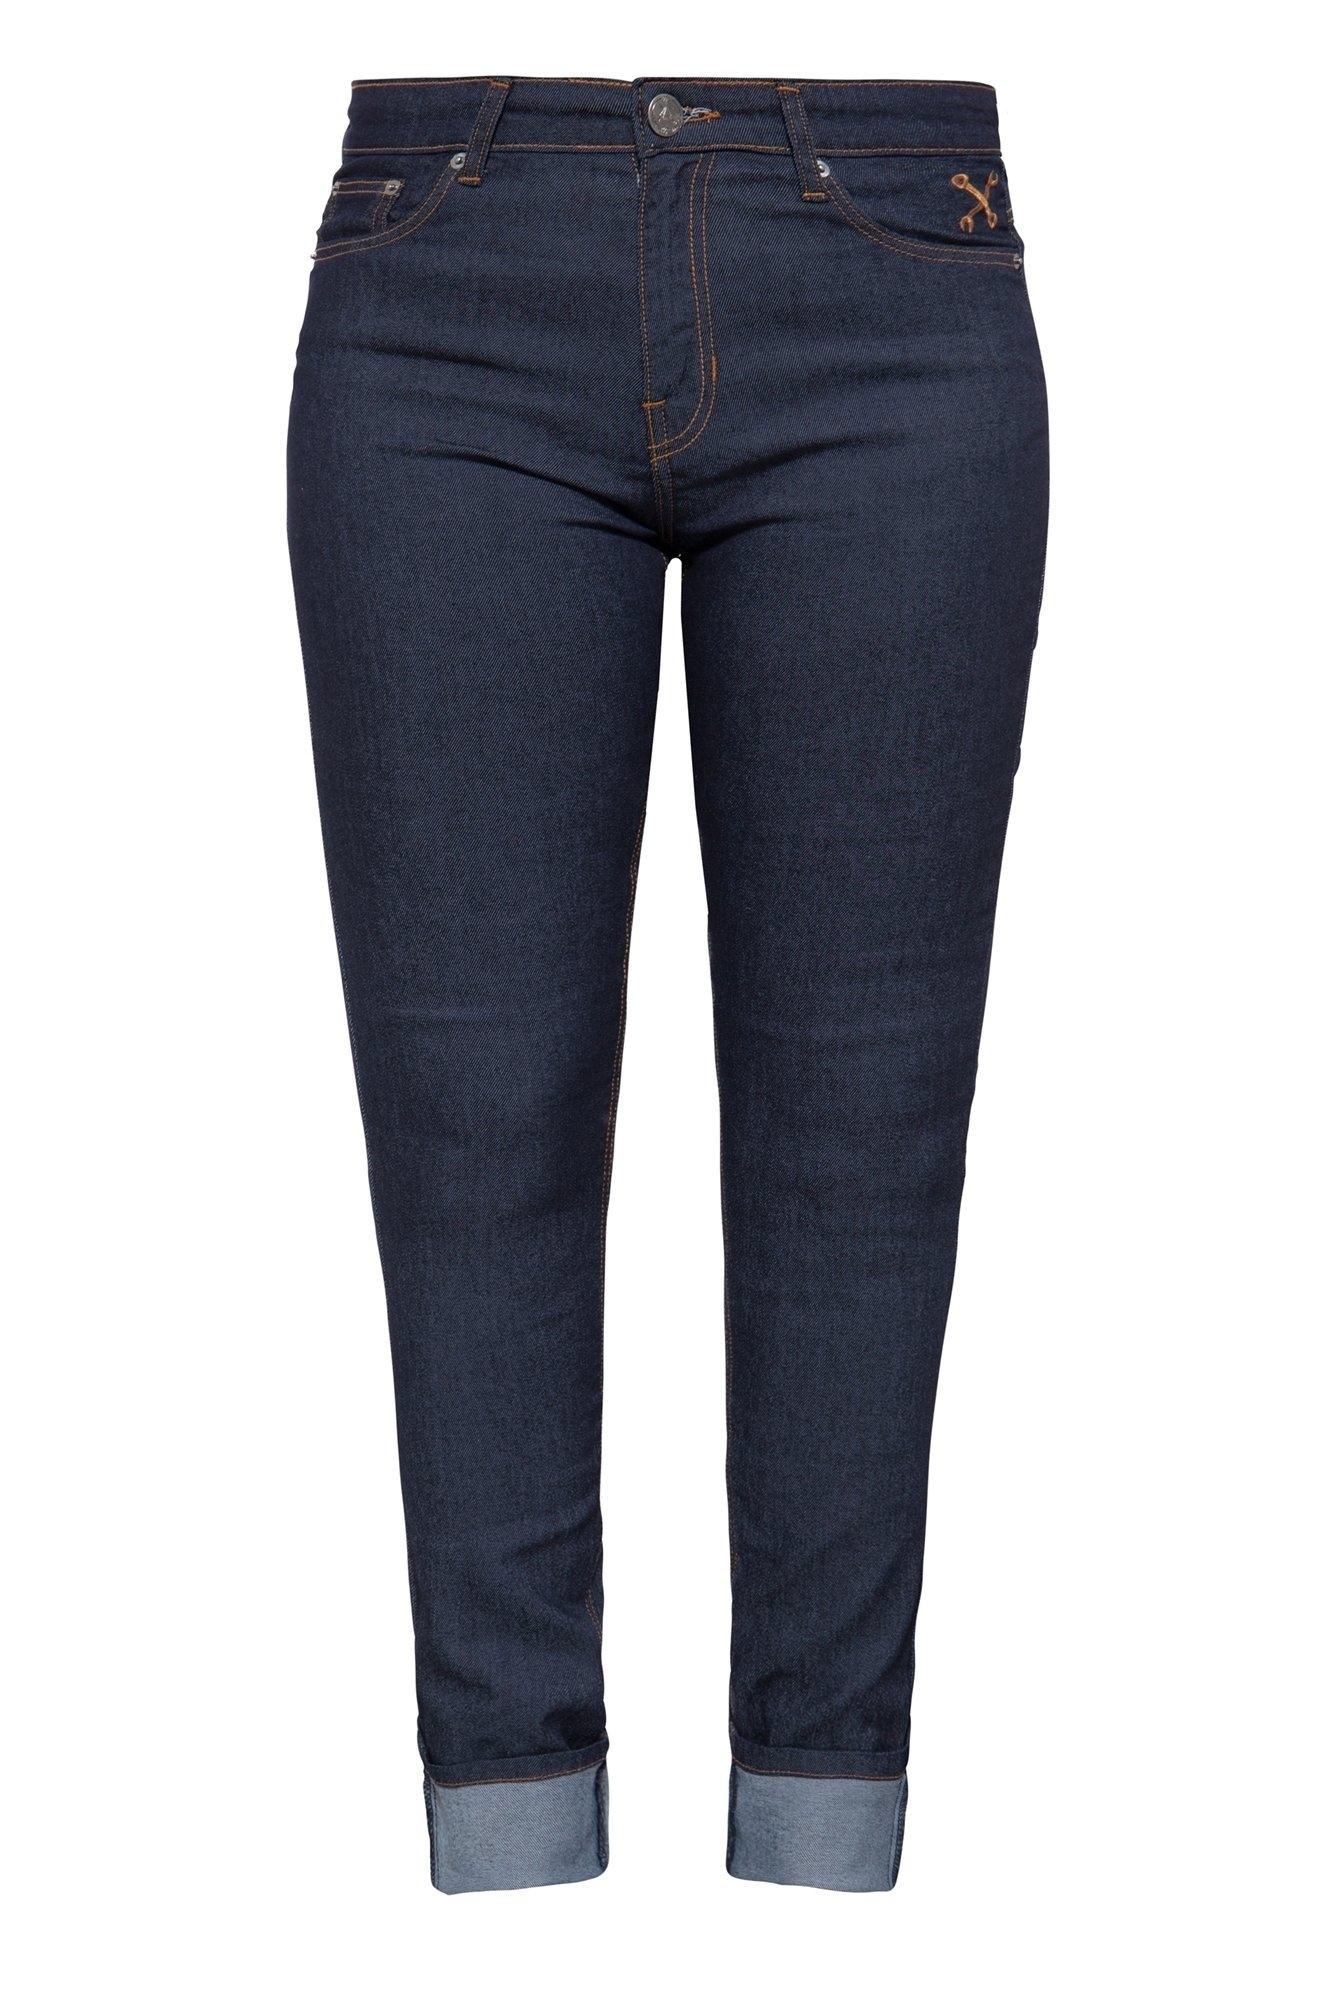 QueenKerosin slim fit jeans - gratis ruilen op otto.nl